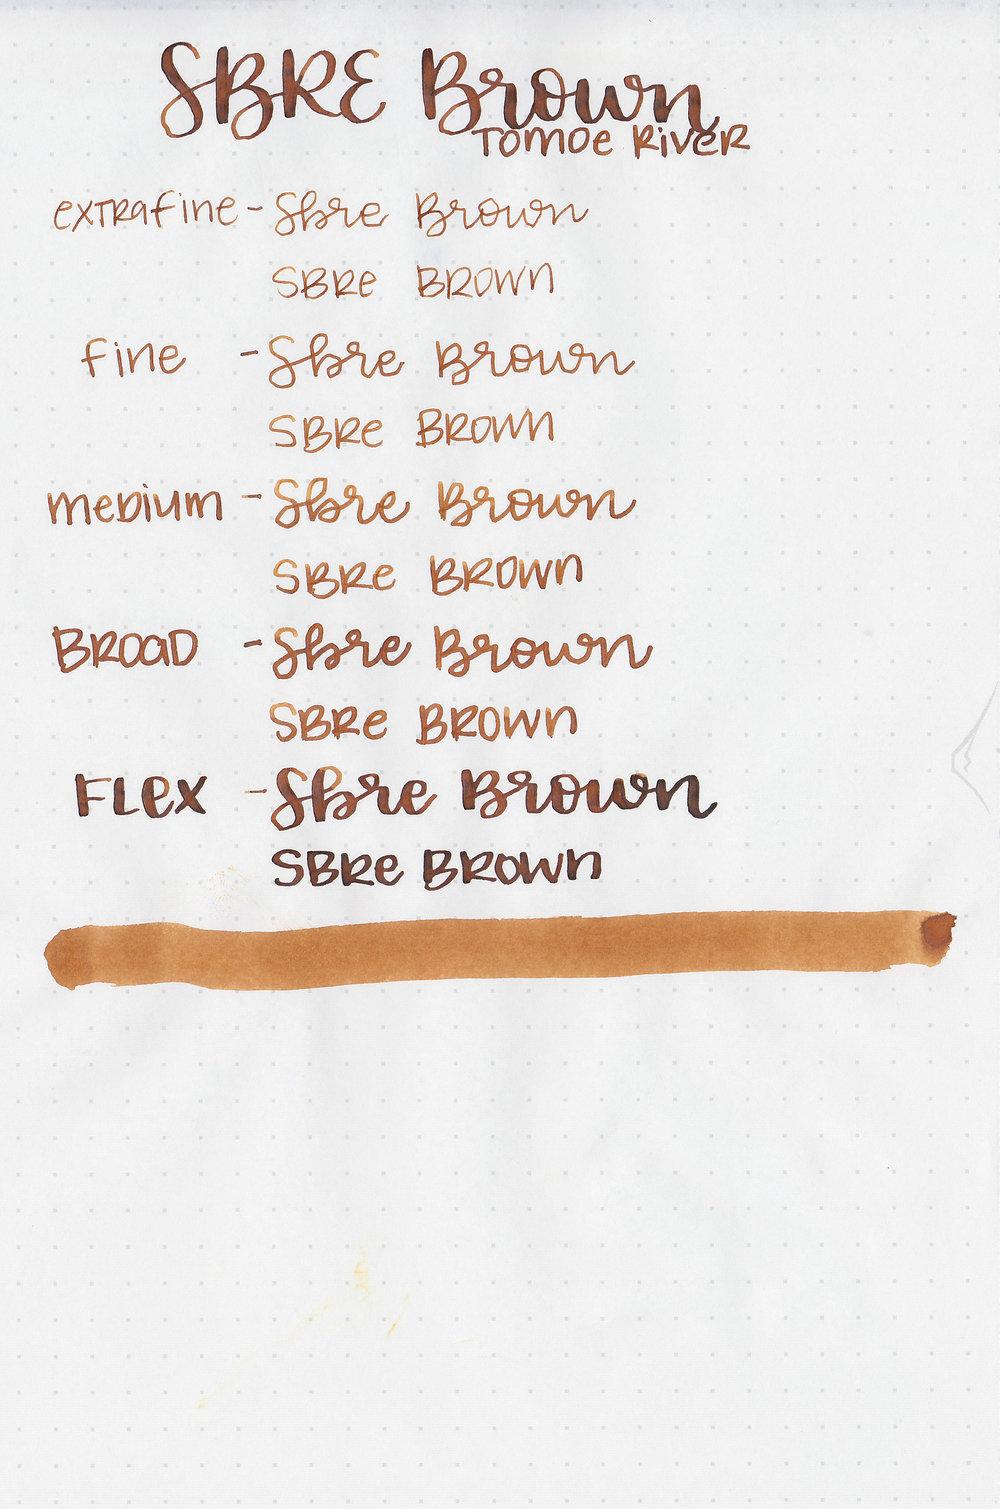 sbre-brown-6.jpg